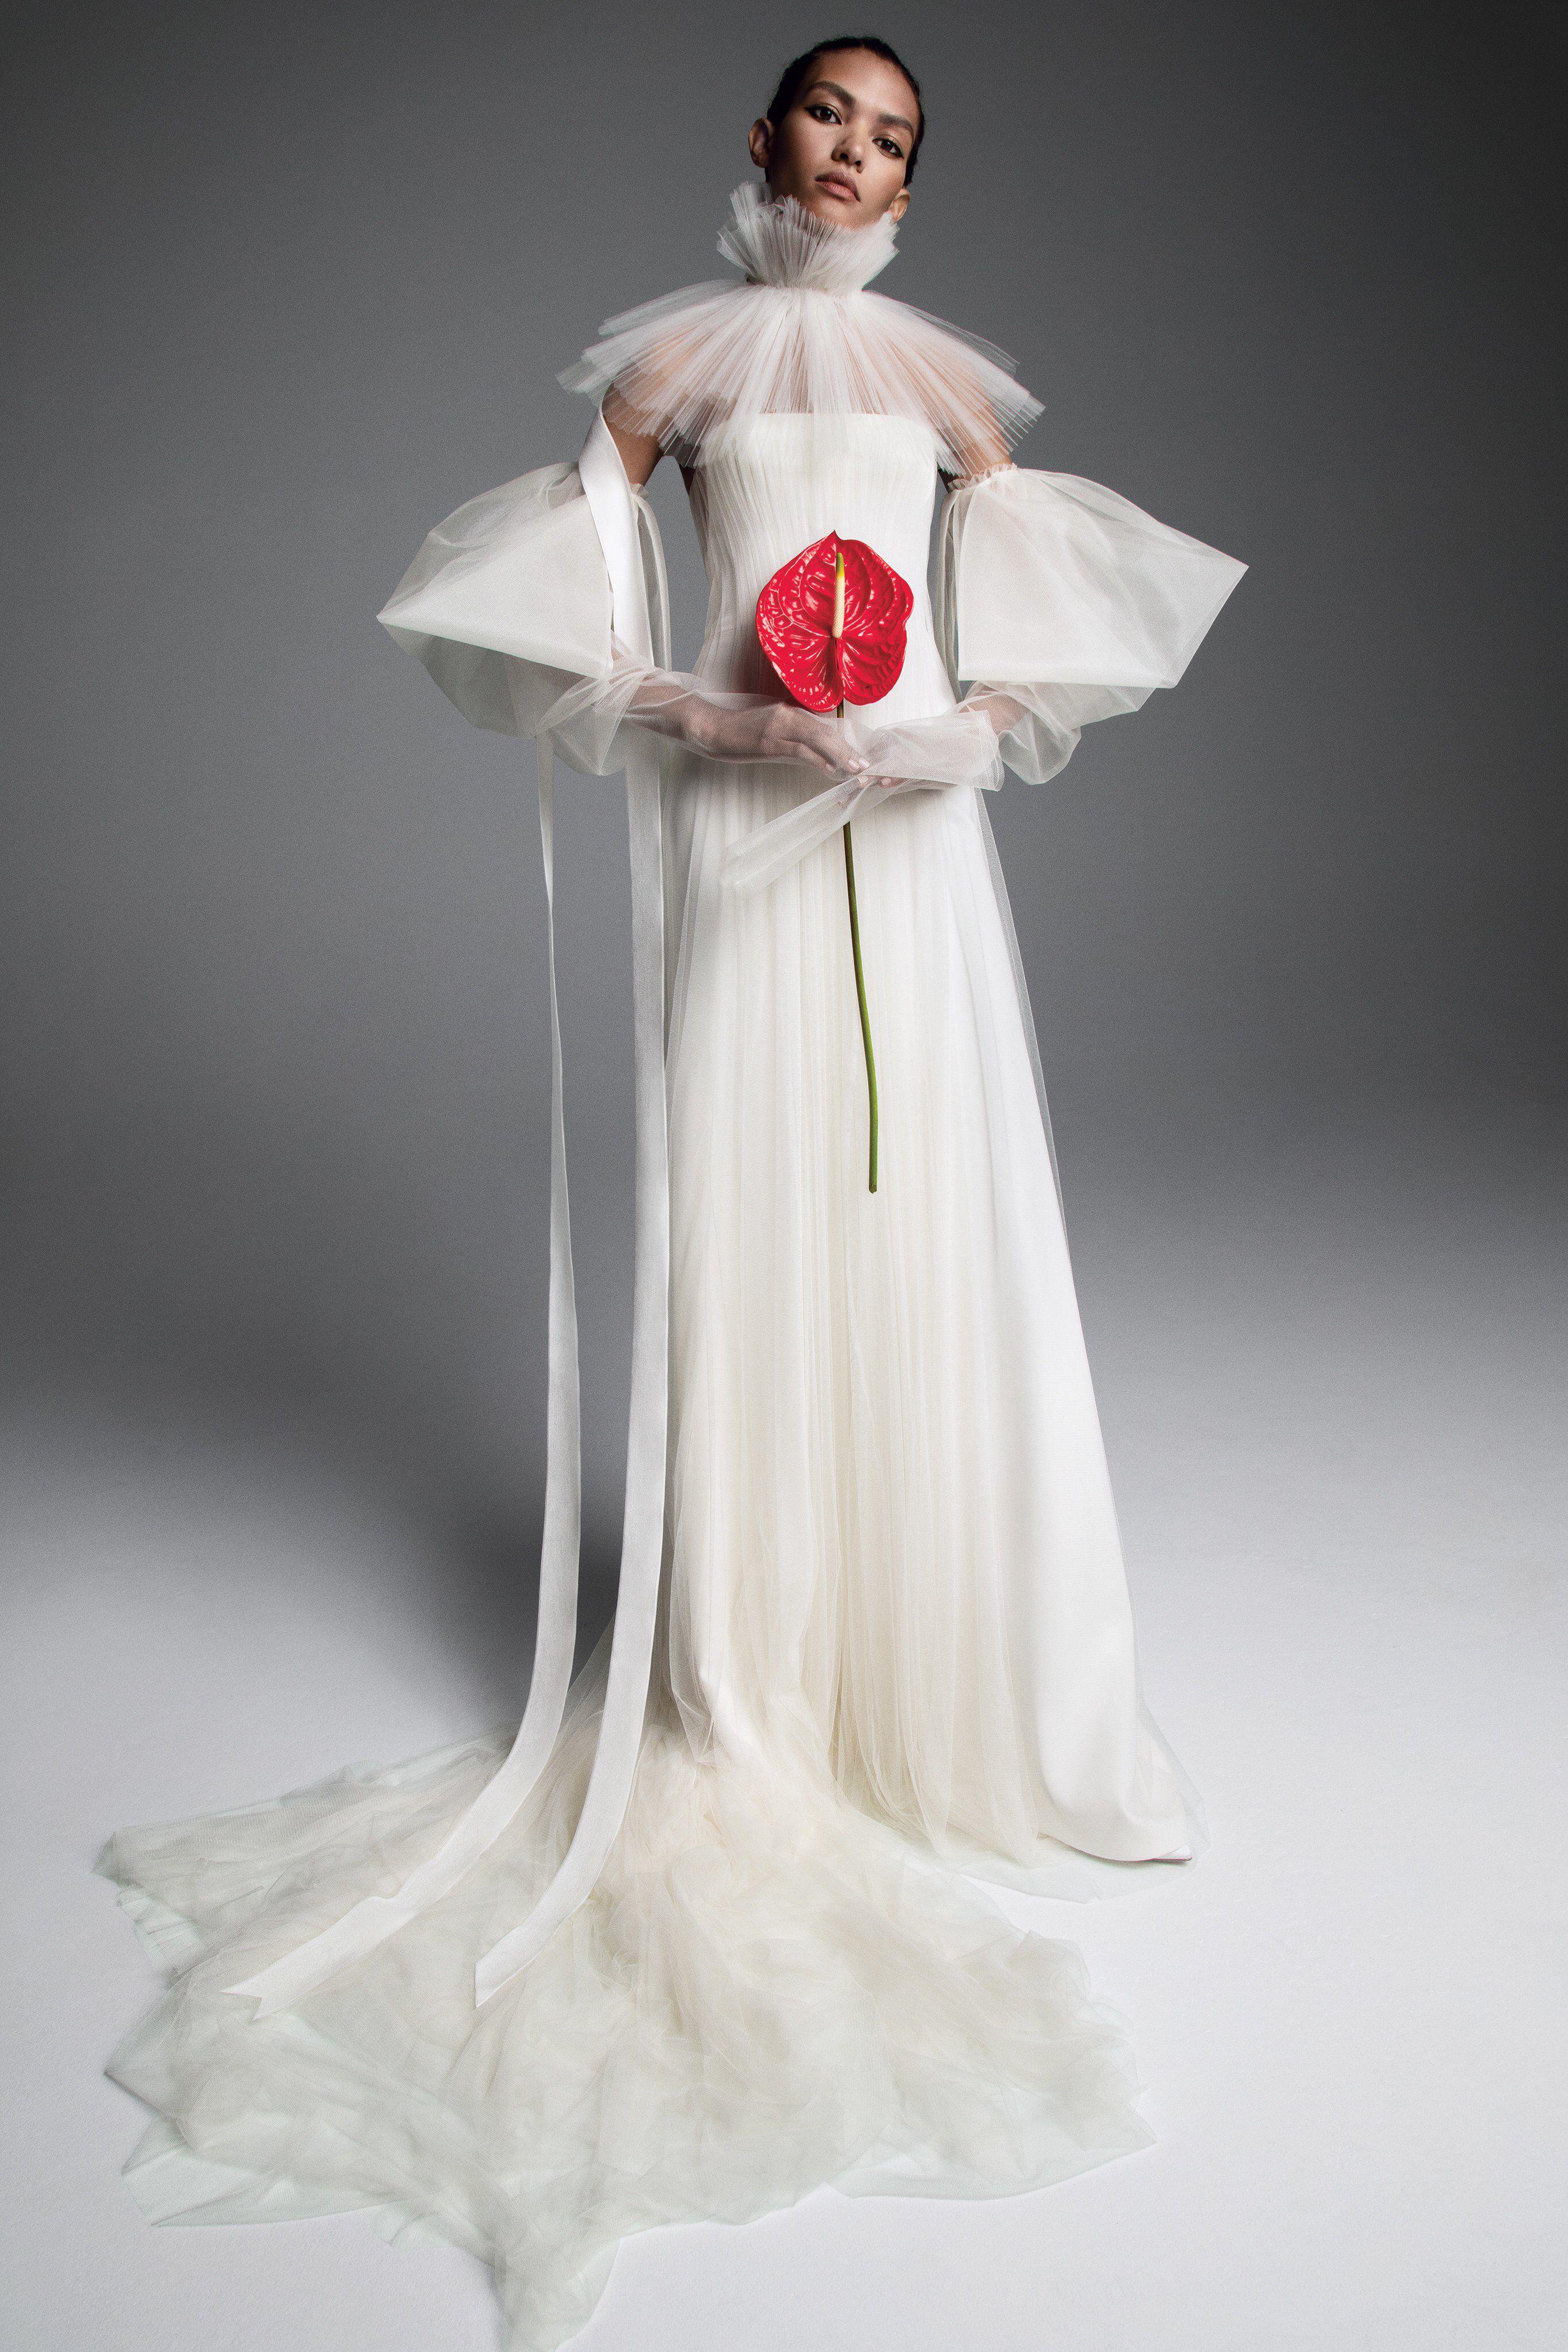 45295f33281 Vera Wang Fall 2019 Bridal Fashion Show Collection  See the complete Vera  Wang Fall 2019 Bridal collection. Look 15